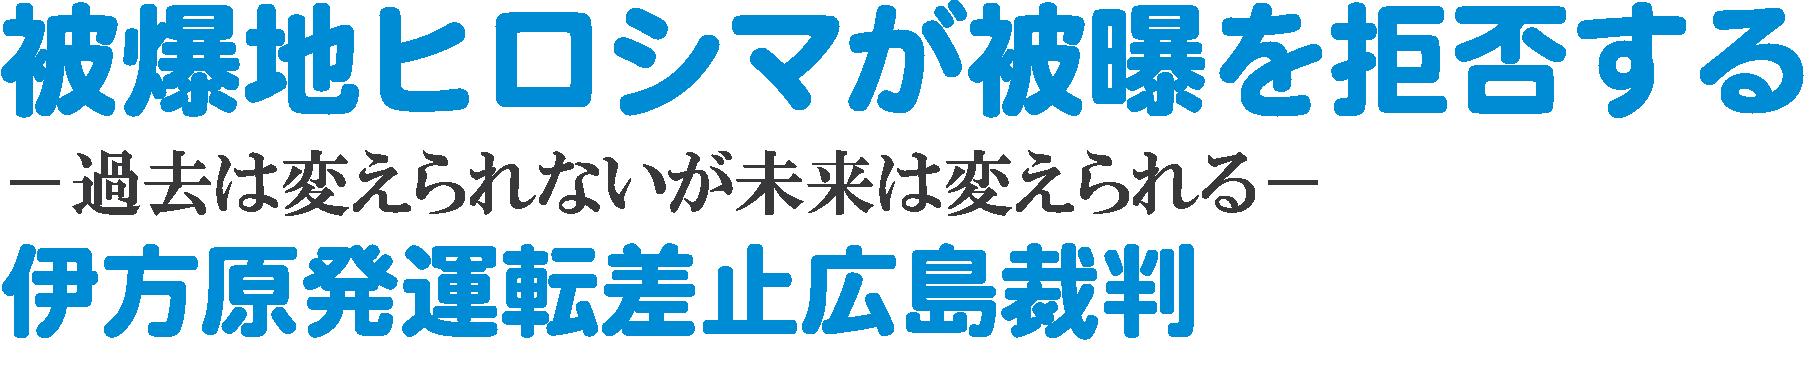 被爆地ヒロシマが被曝を拒否する伊方原発運転差止広島裁判